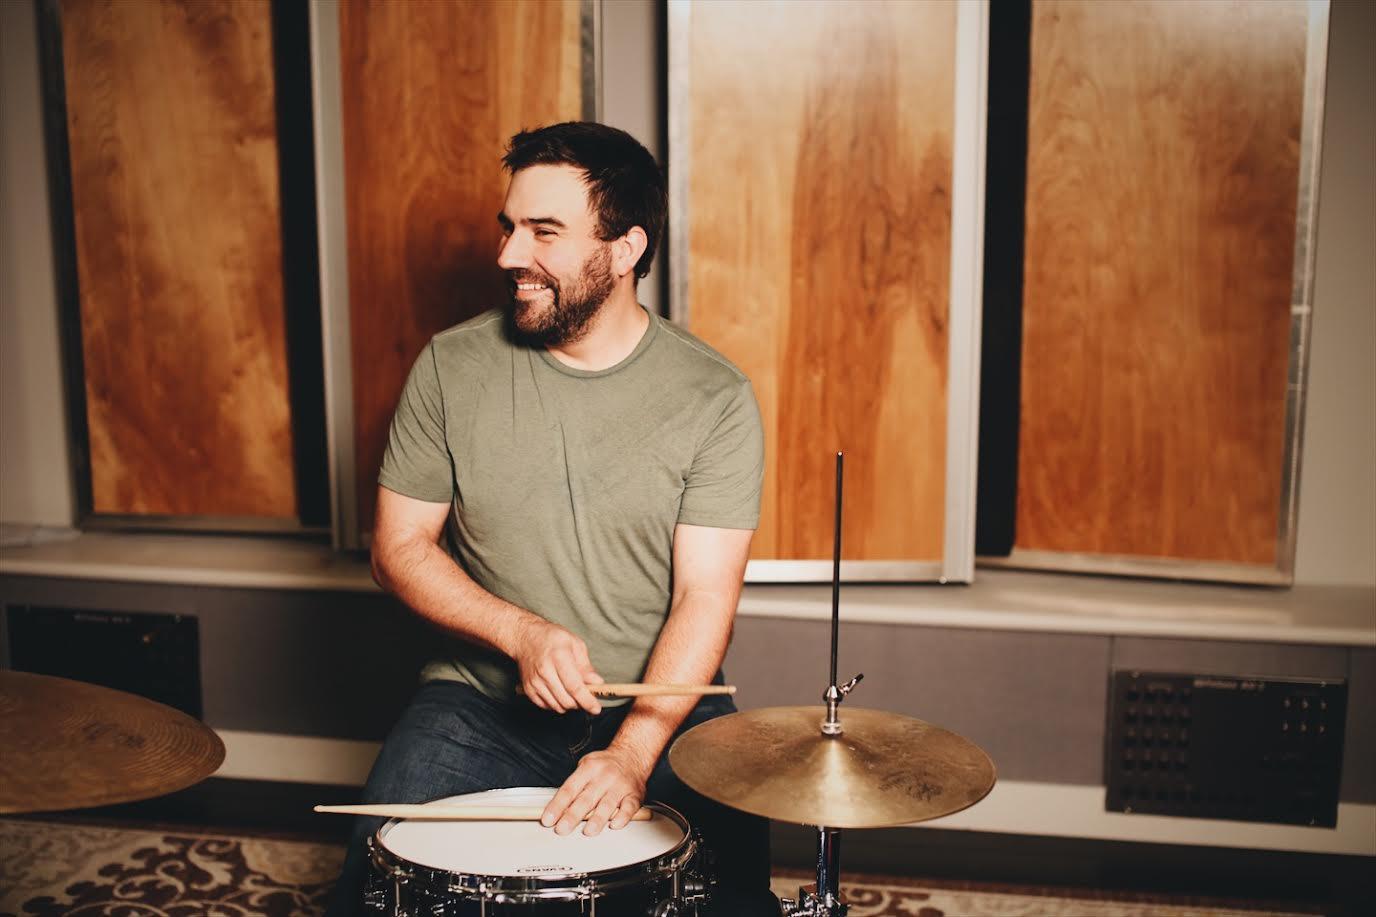 Micah Blouin